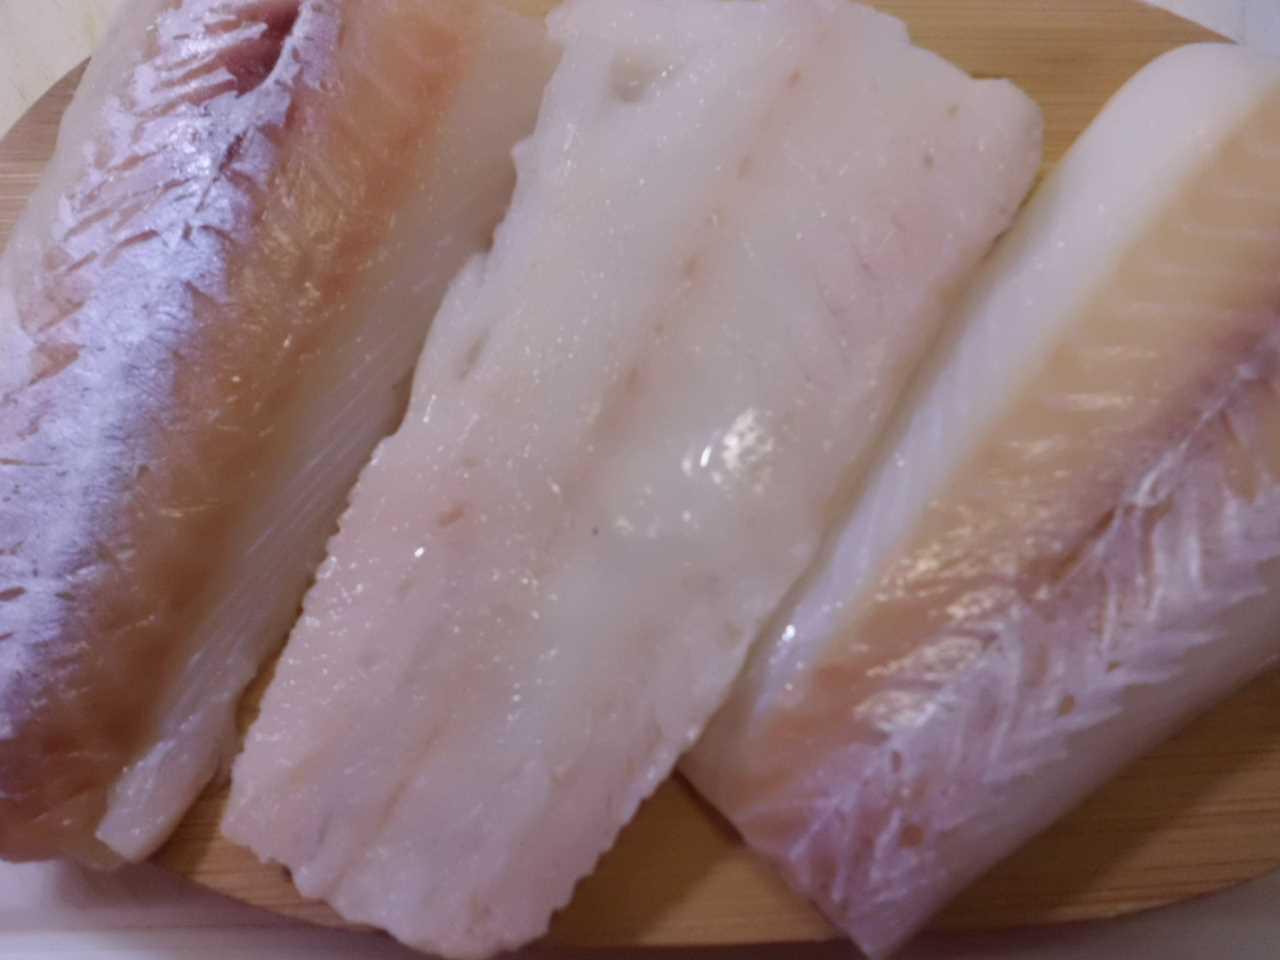 Fischfilet waschen und würzen mit Pfeffer und Salz